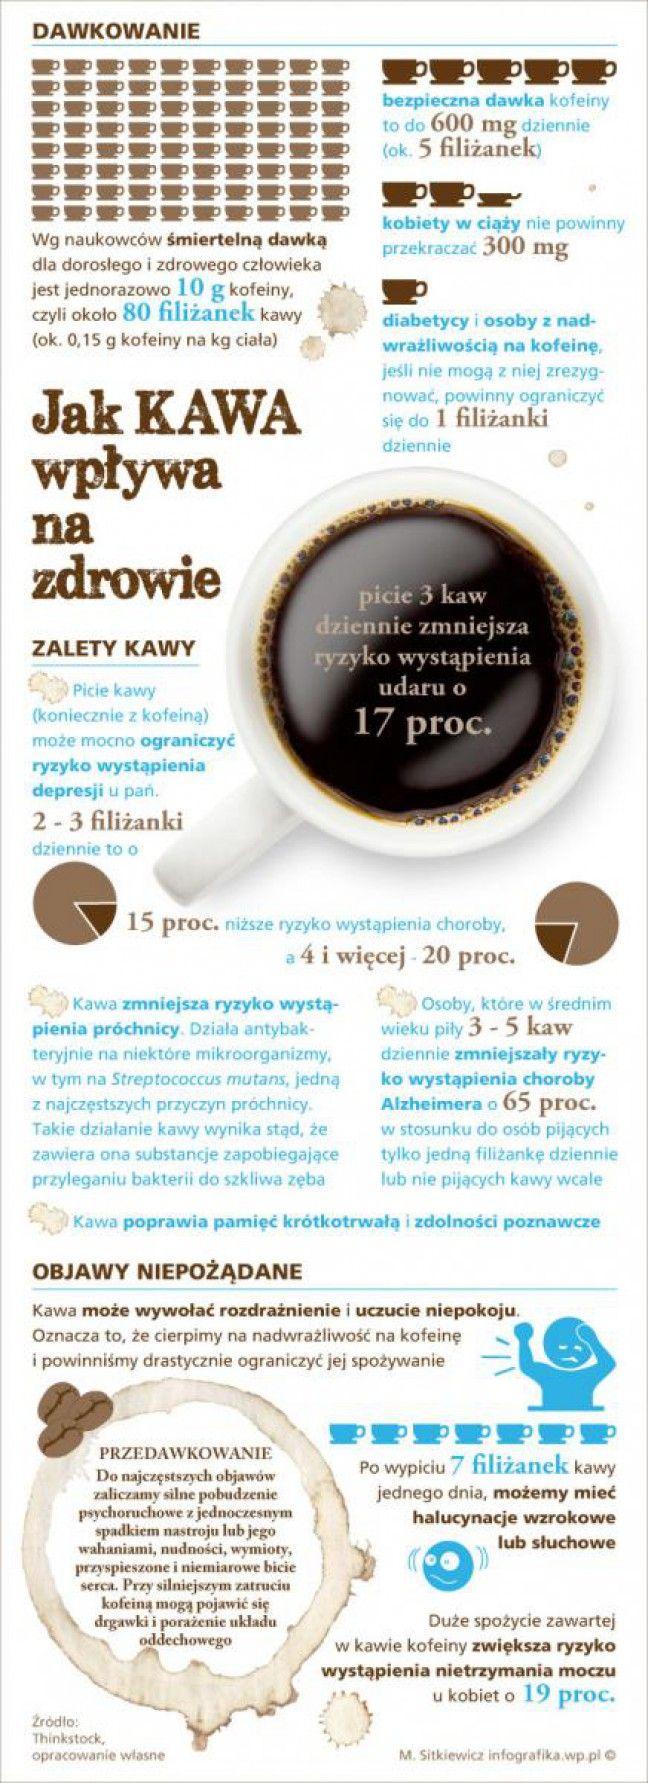 Infografika - Wpływ picia kawy na zdrowie